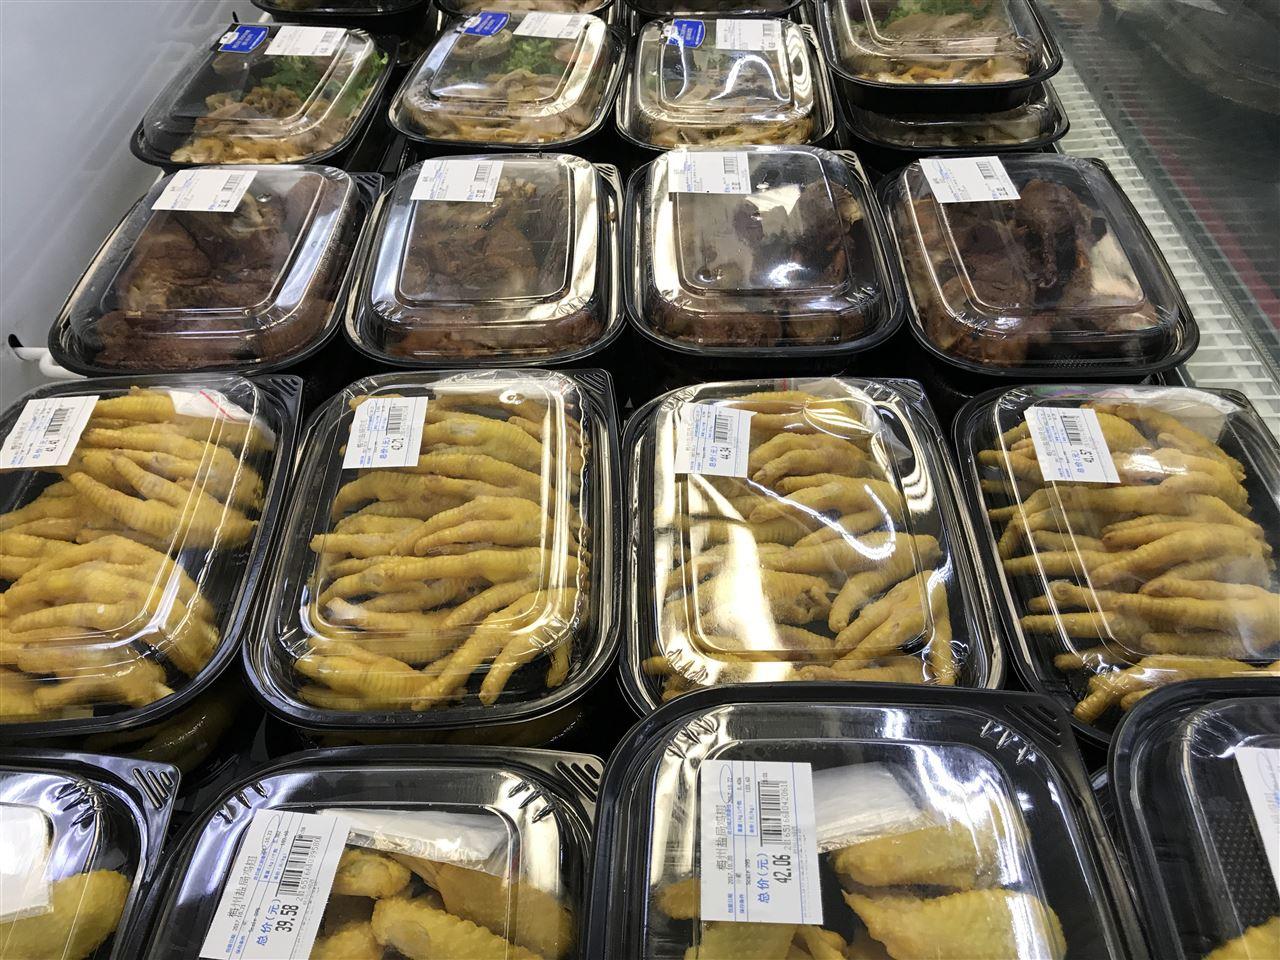 烧味被检出沙门氏菌超标 企业该如何守好餐桌安全?